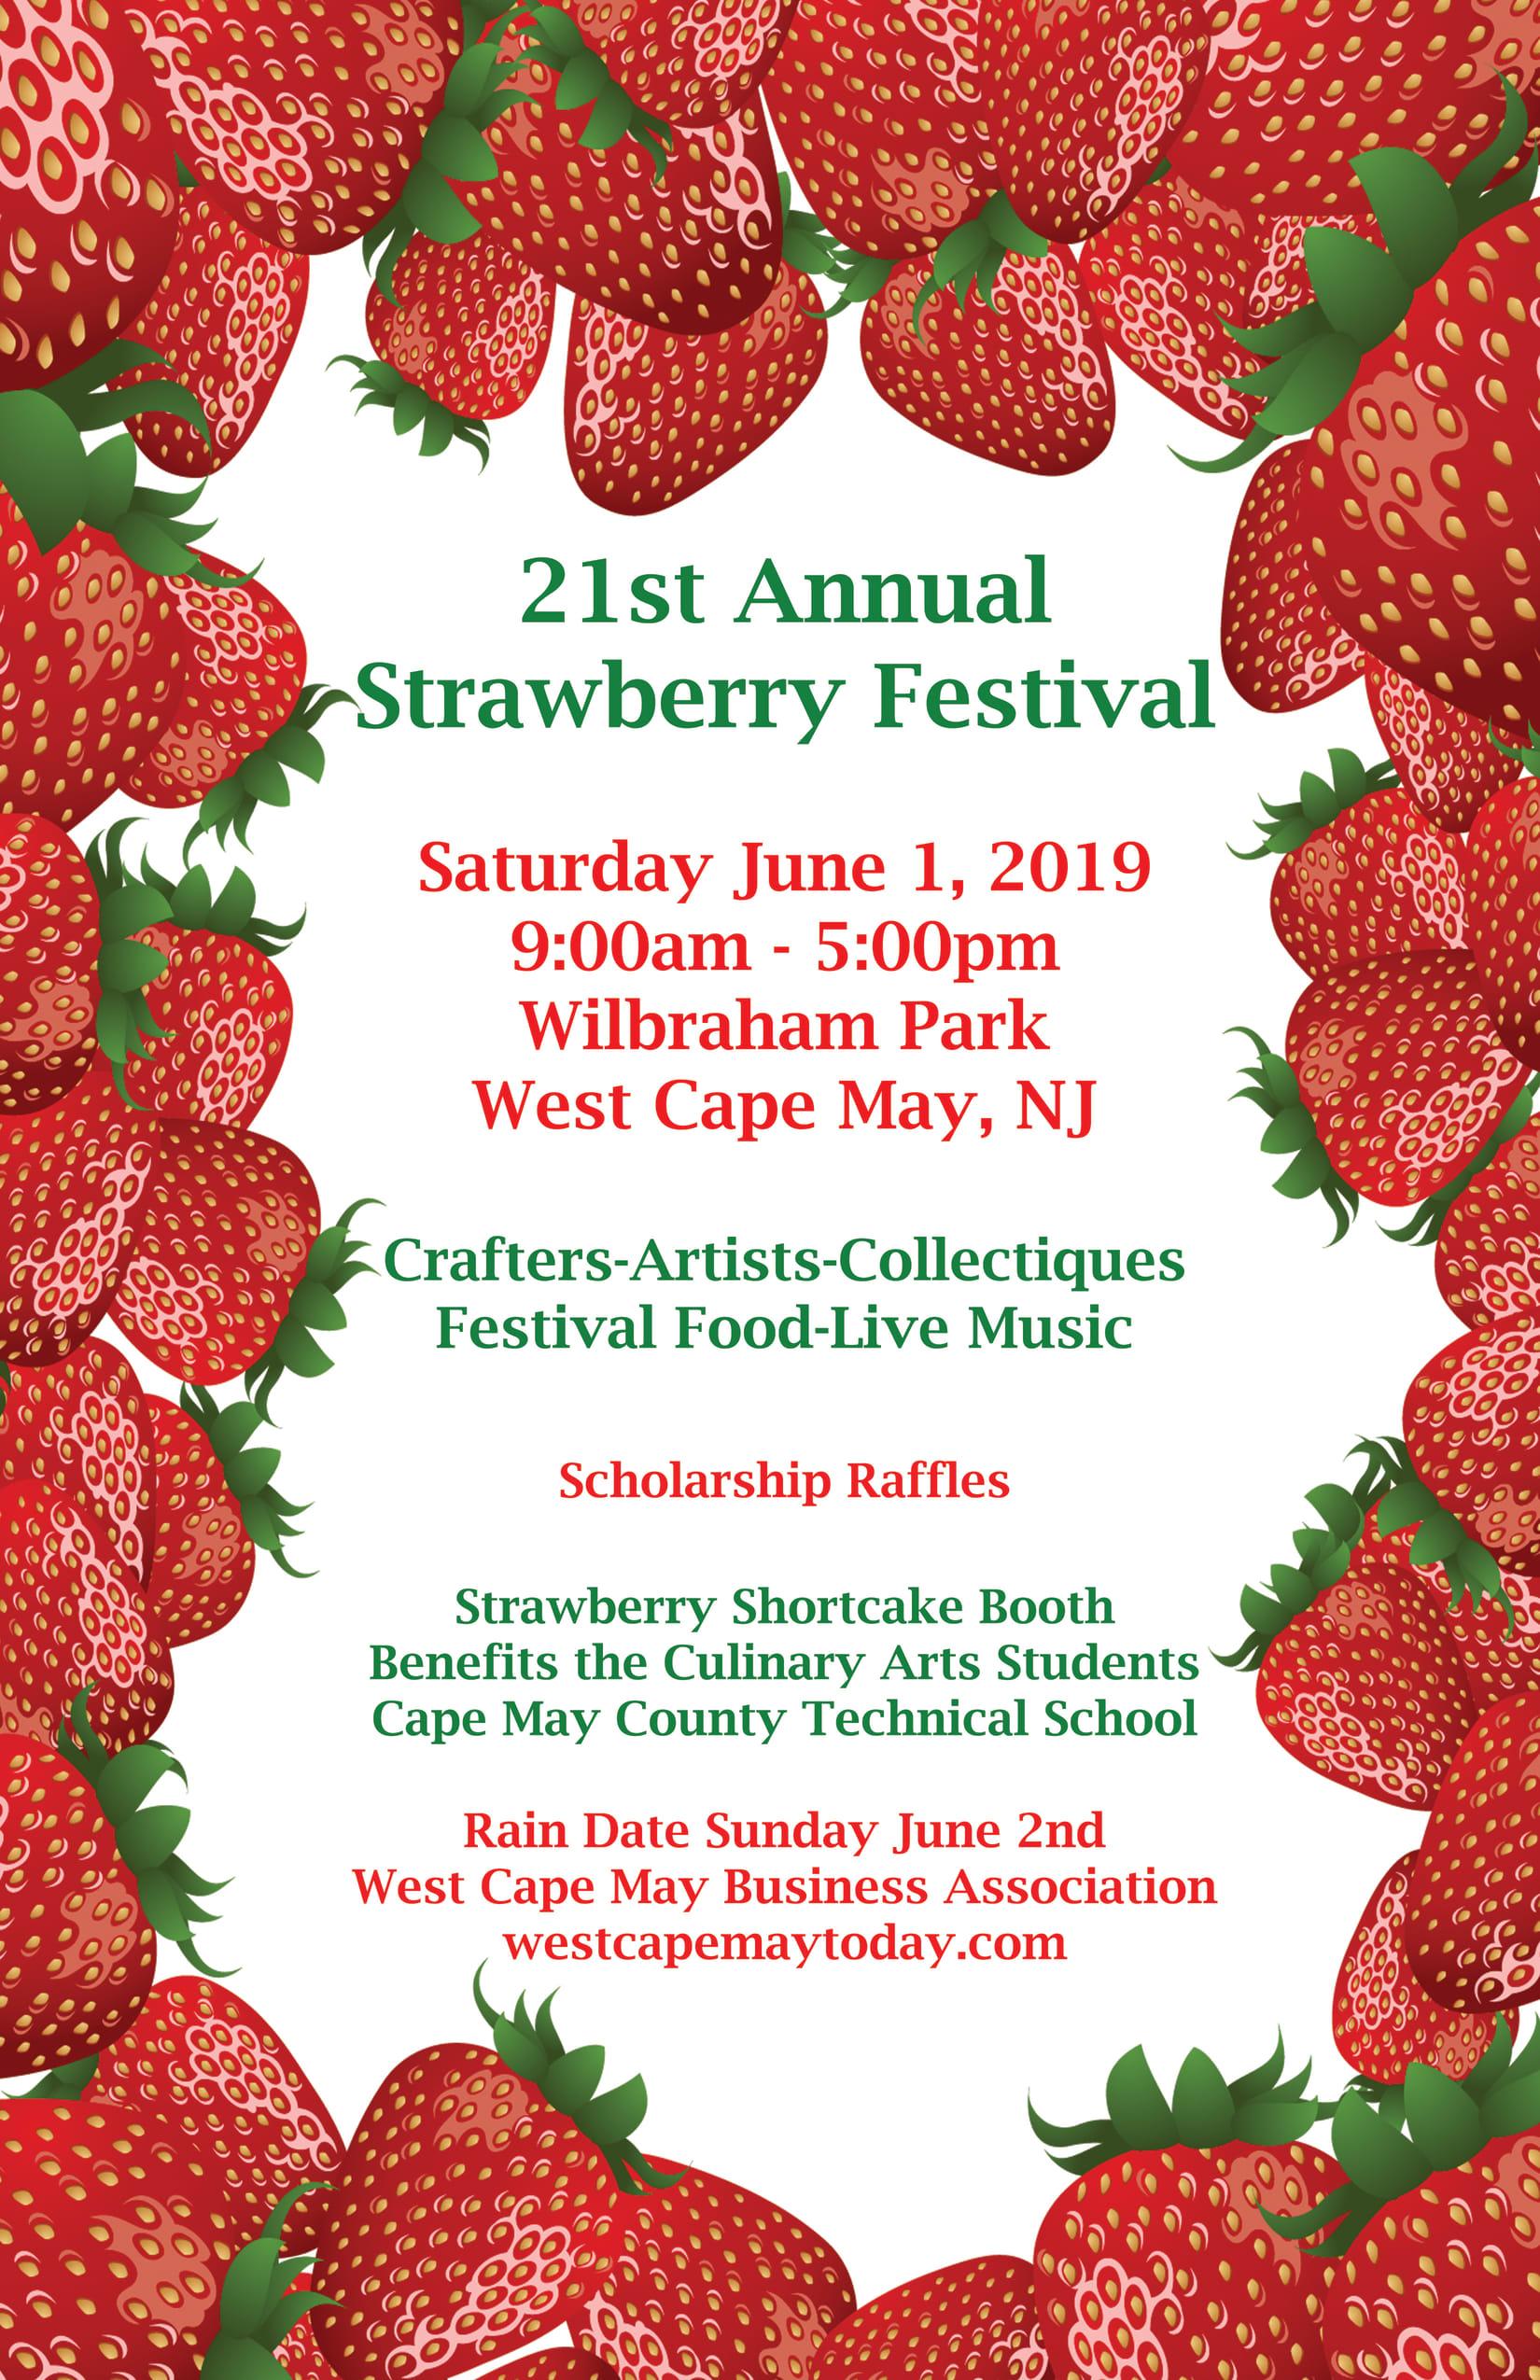 Strawberry2019-w1650.jpg